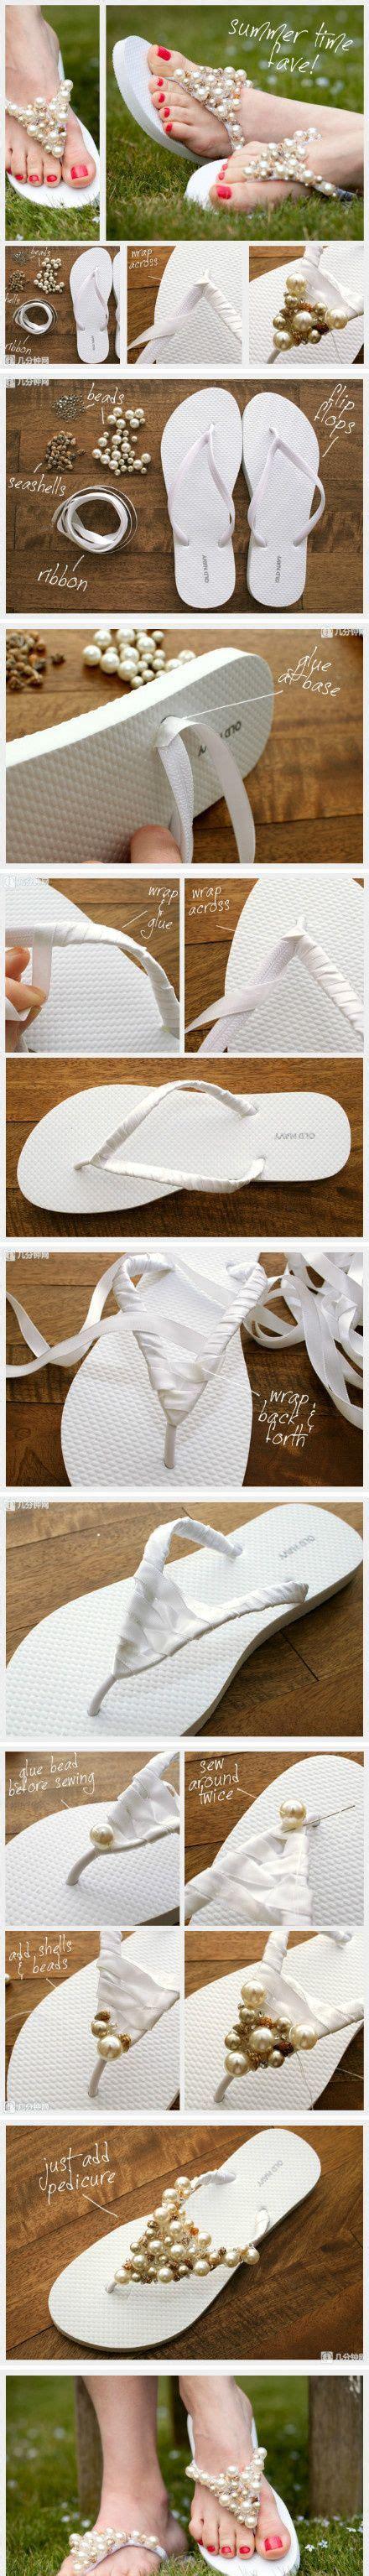 decorar zapatos con perlas decorar sandalias con cuentas y perlas 171 ideas consejos